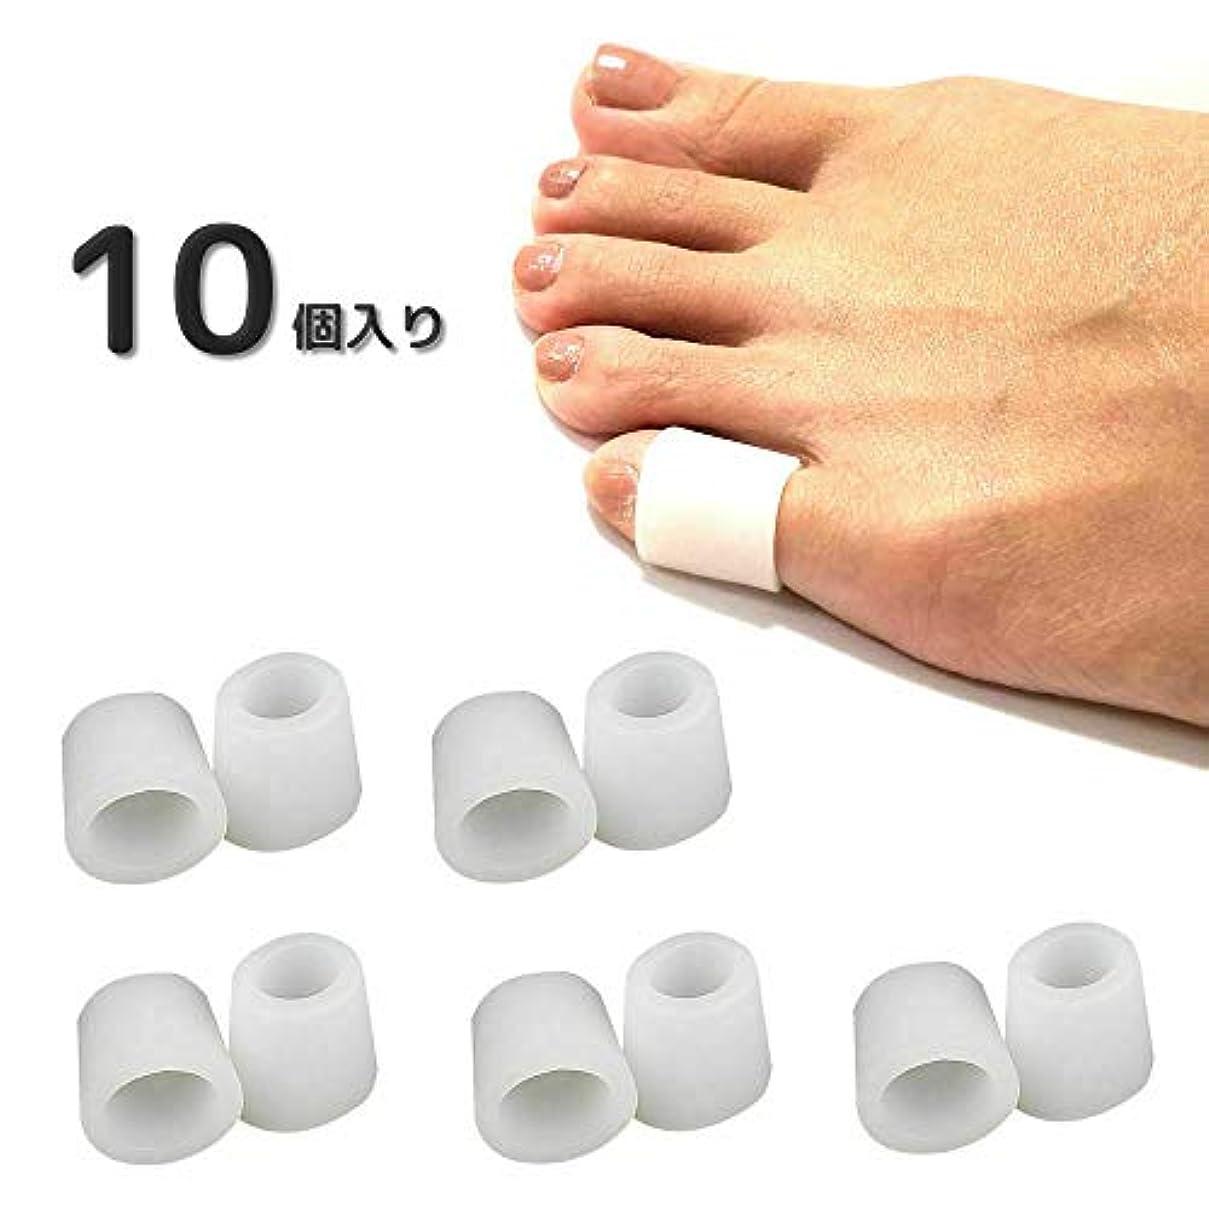 ぞっとするような区別する普通にLumiele 指や爪の保護キャップ 足爪 足指 柔らかシリコン サポーター 小指 指サック 5セット 10個入り